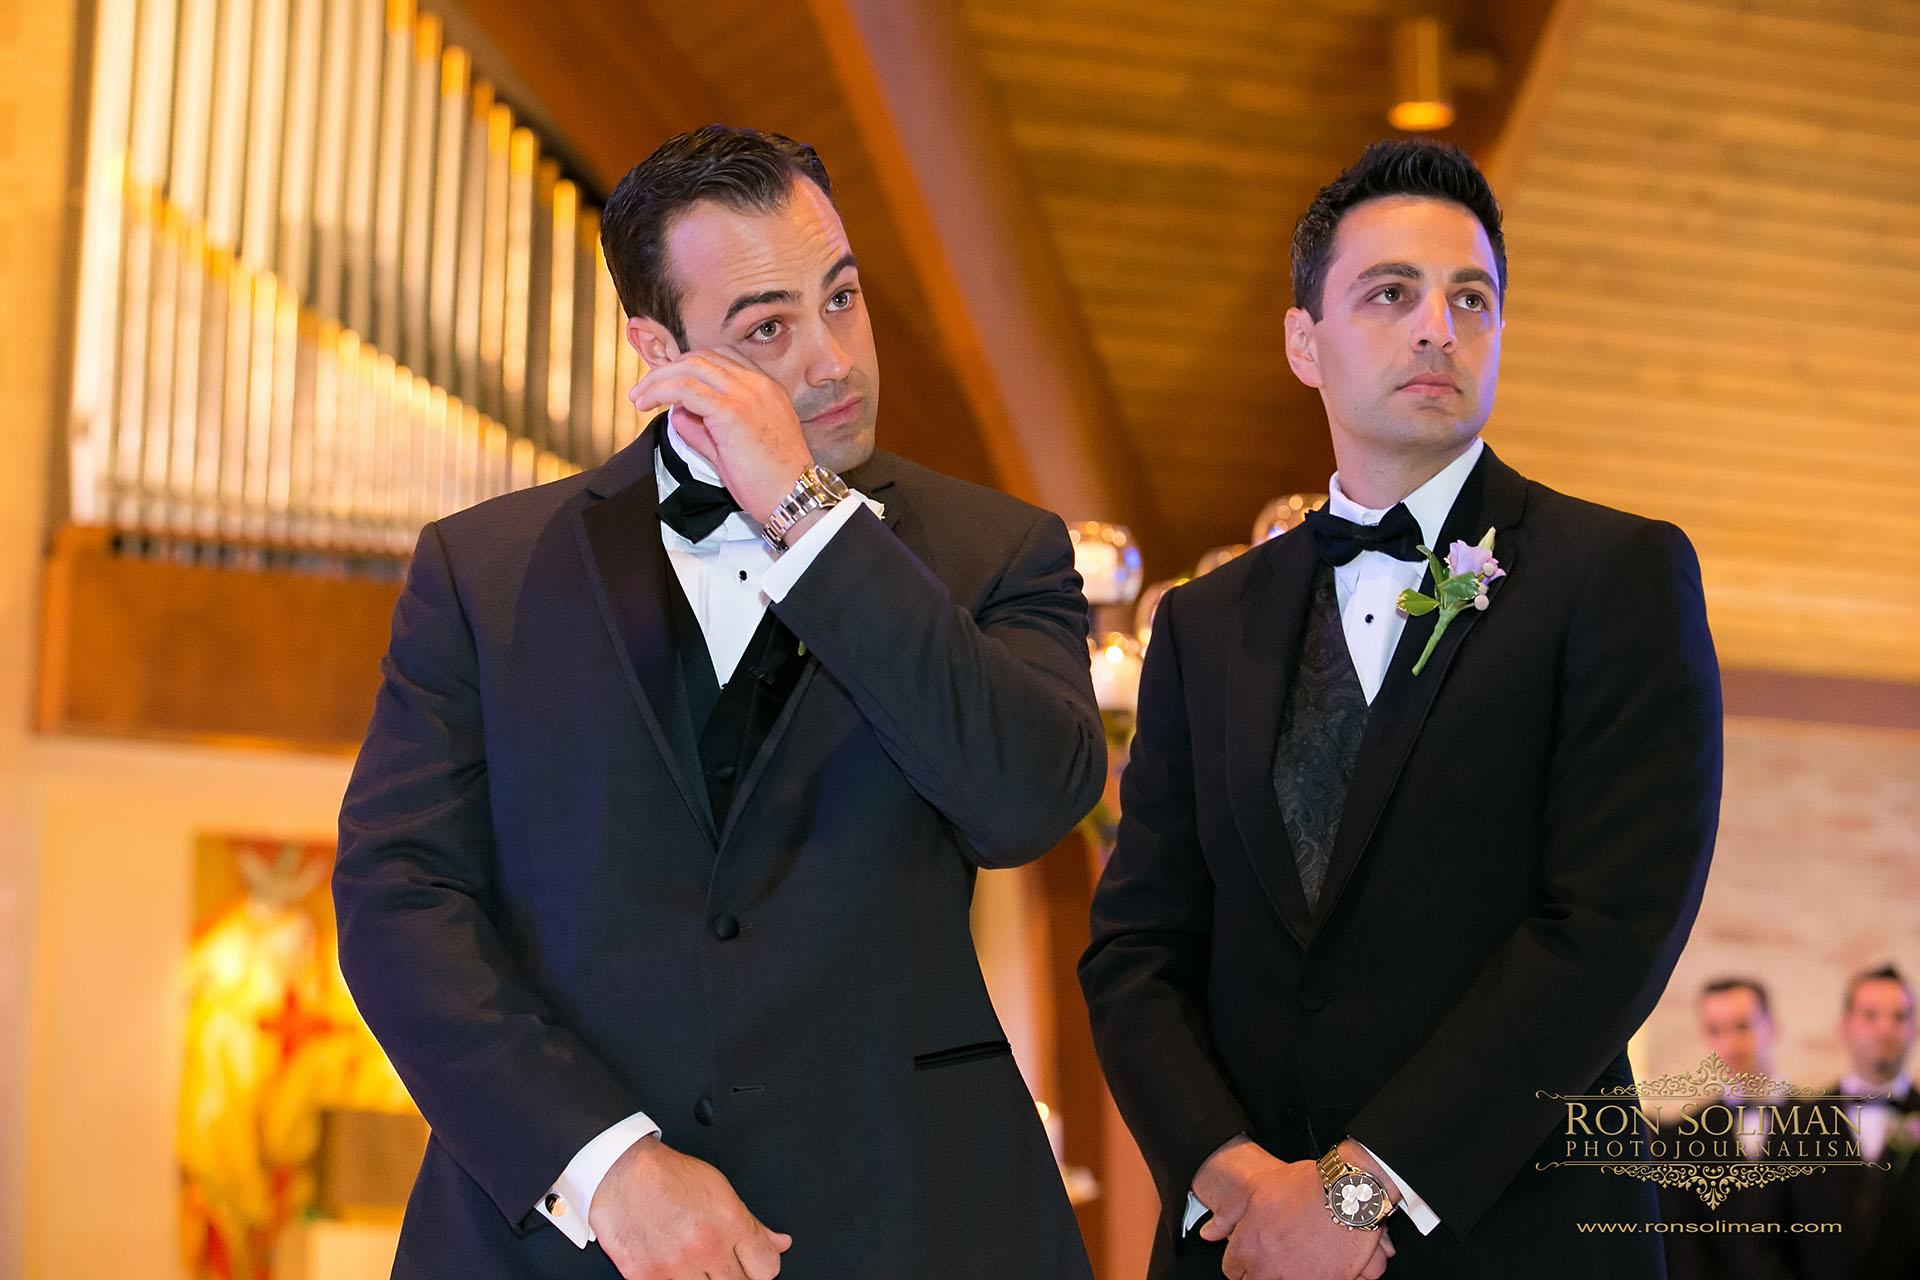 FLORENTINE GARDENS WEDDING 18